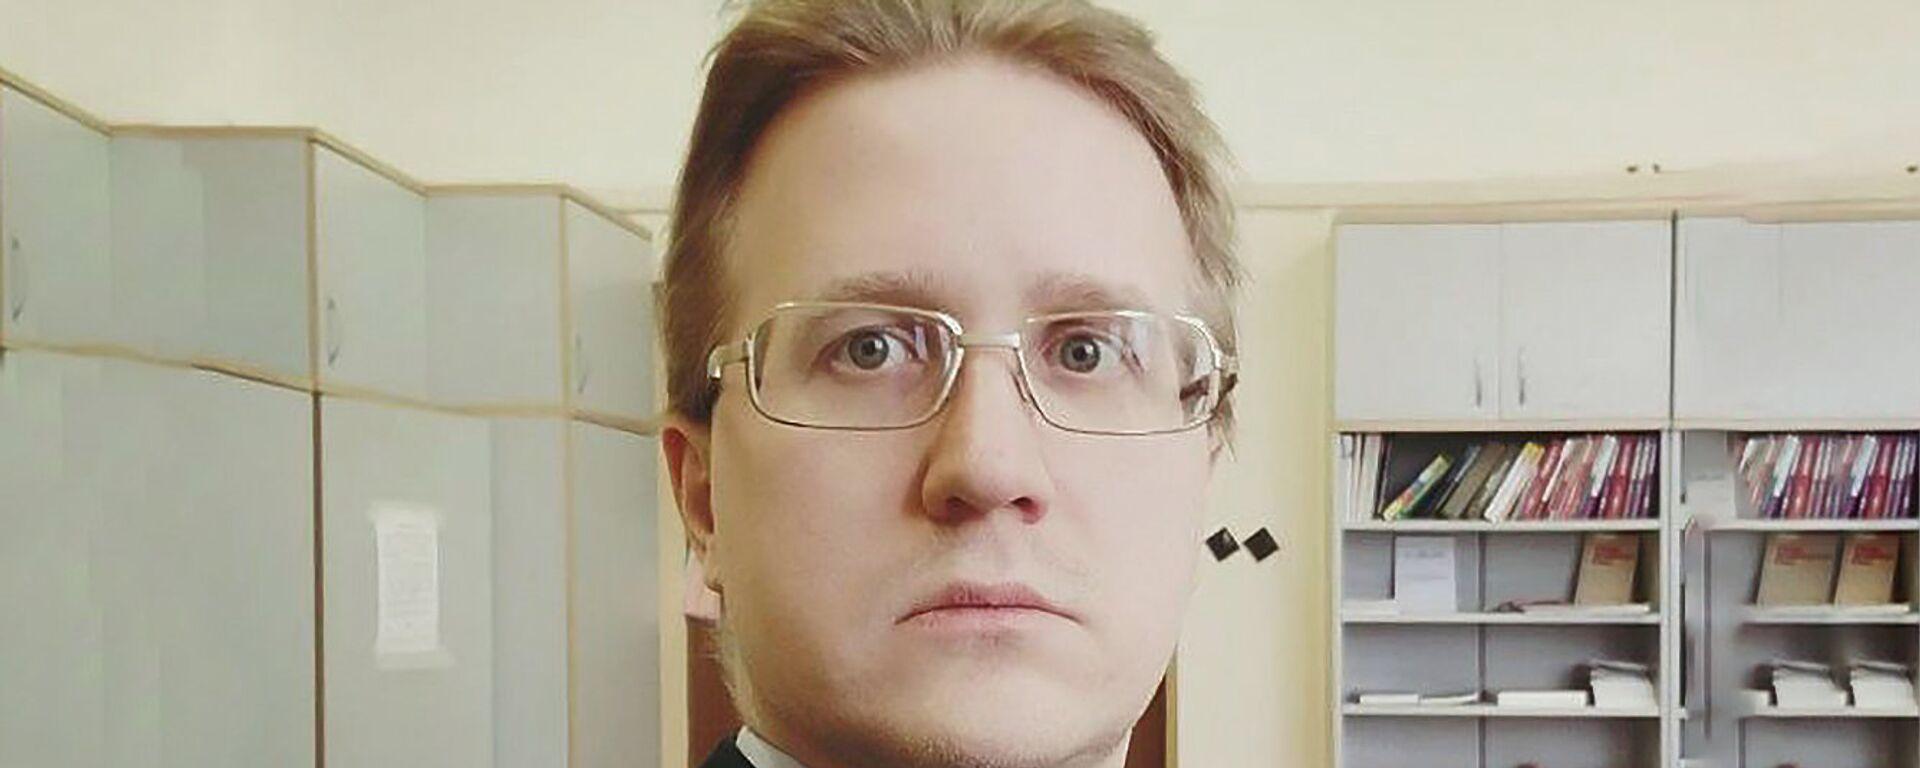 Ведущий эксперт Фонда Национальной энергетической безопасности, эксперт Финансового университета при правительстве РФ Станислав Митрахович - Sputnik Таджикистан, 1920, 05.04.2021